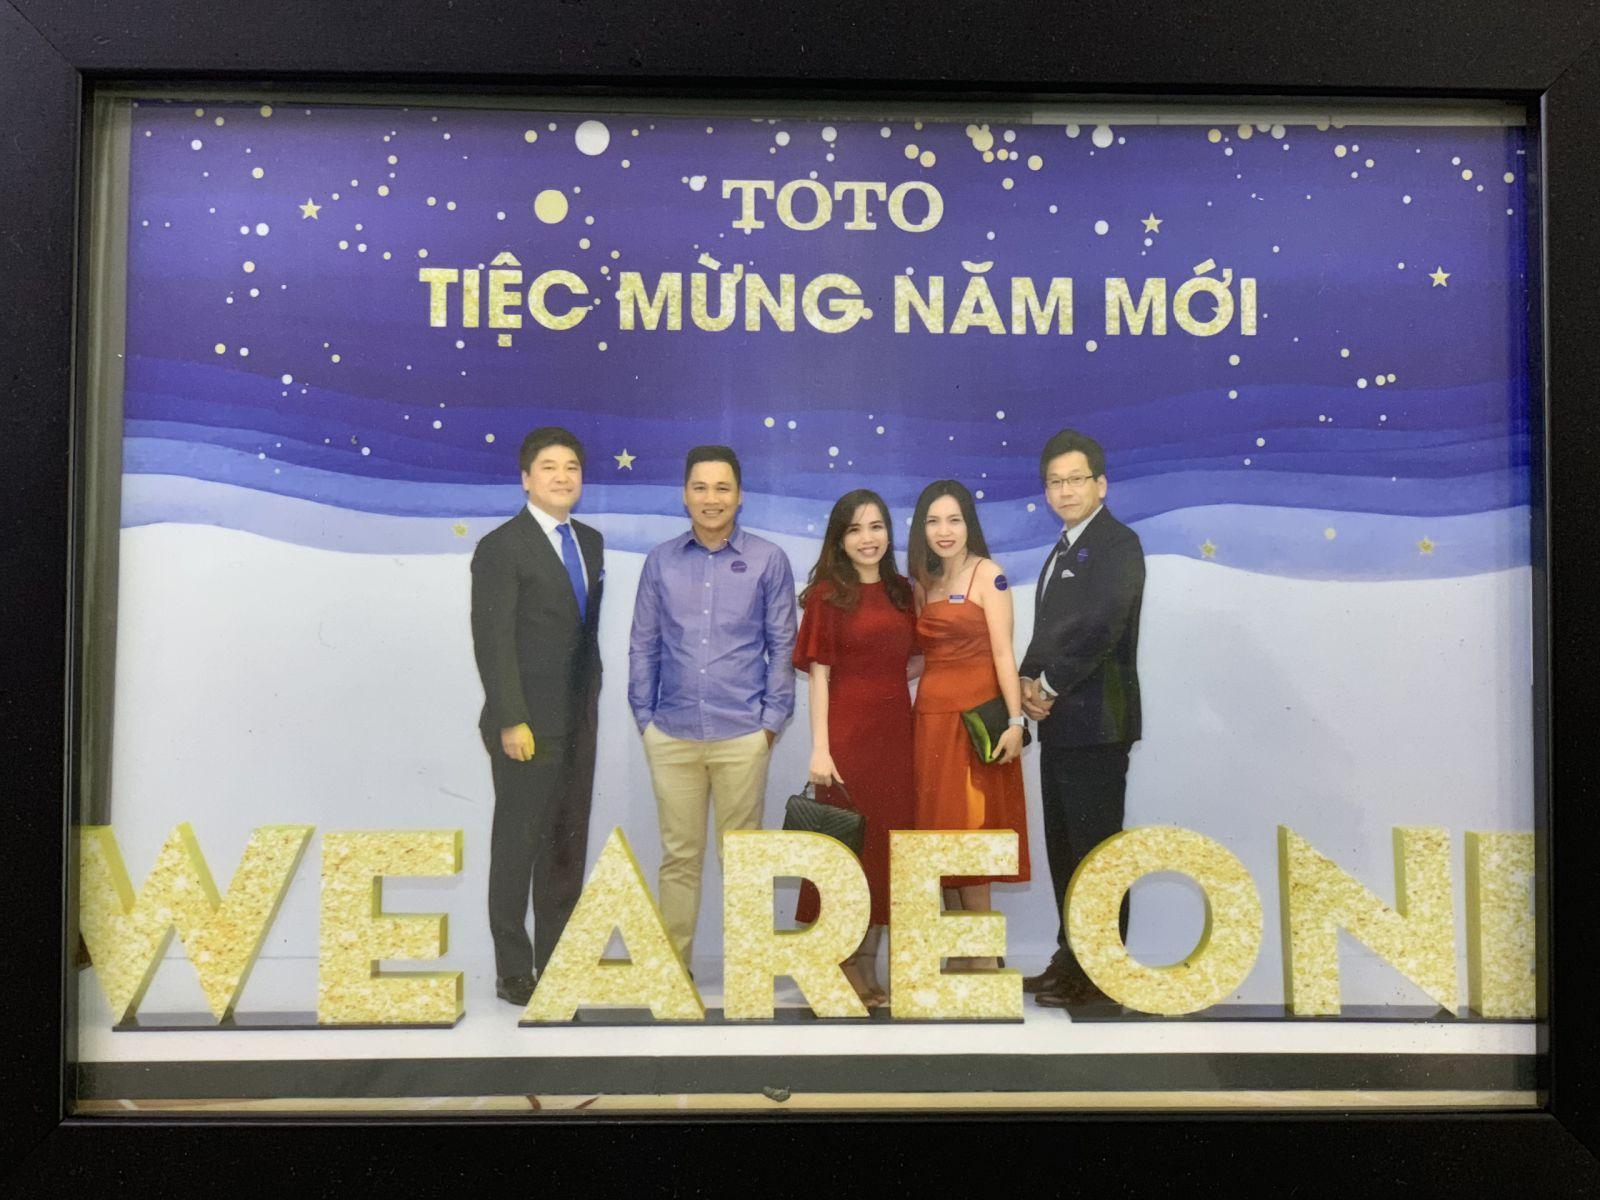 Hội nghị gặp mặt đại lý TOTO